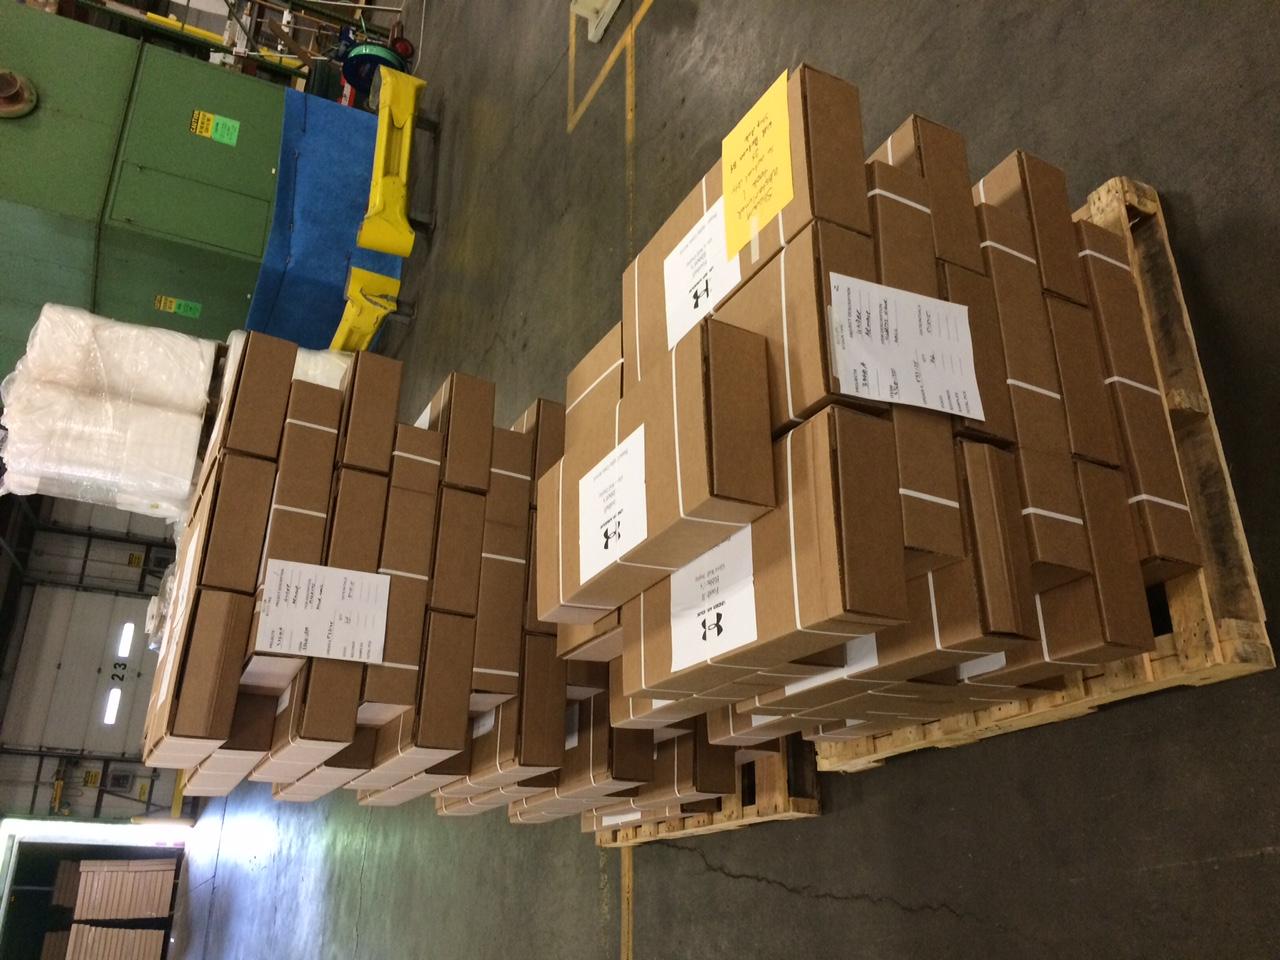 GloveDisplaysandGamedayHeaders_Packages.JPG